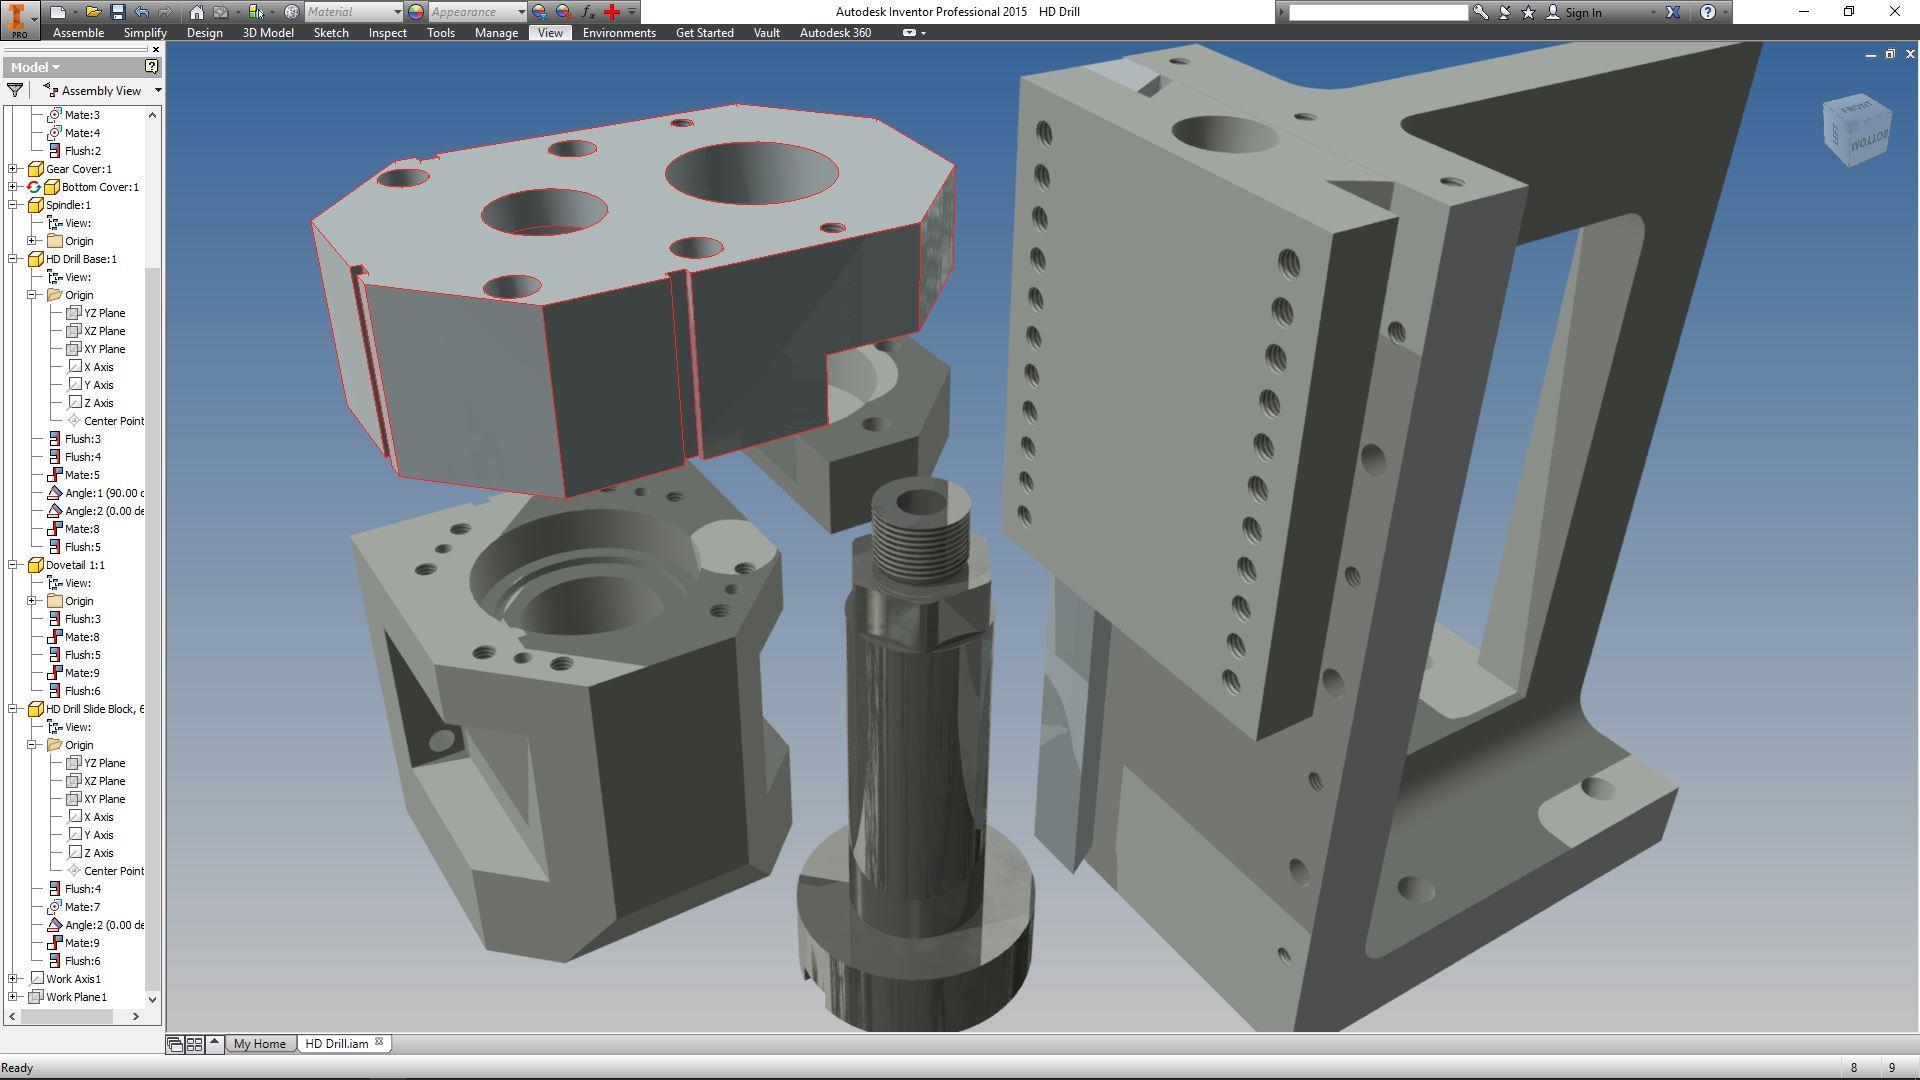 3Design1